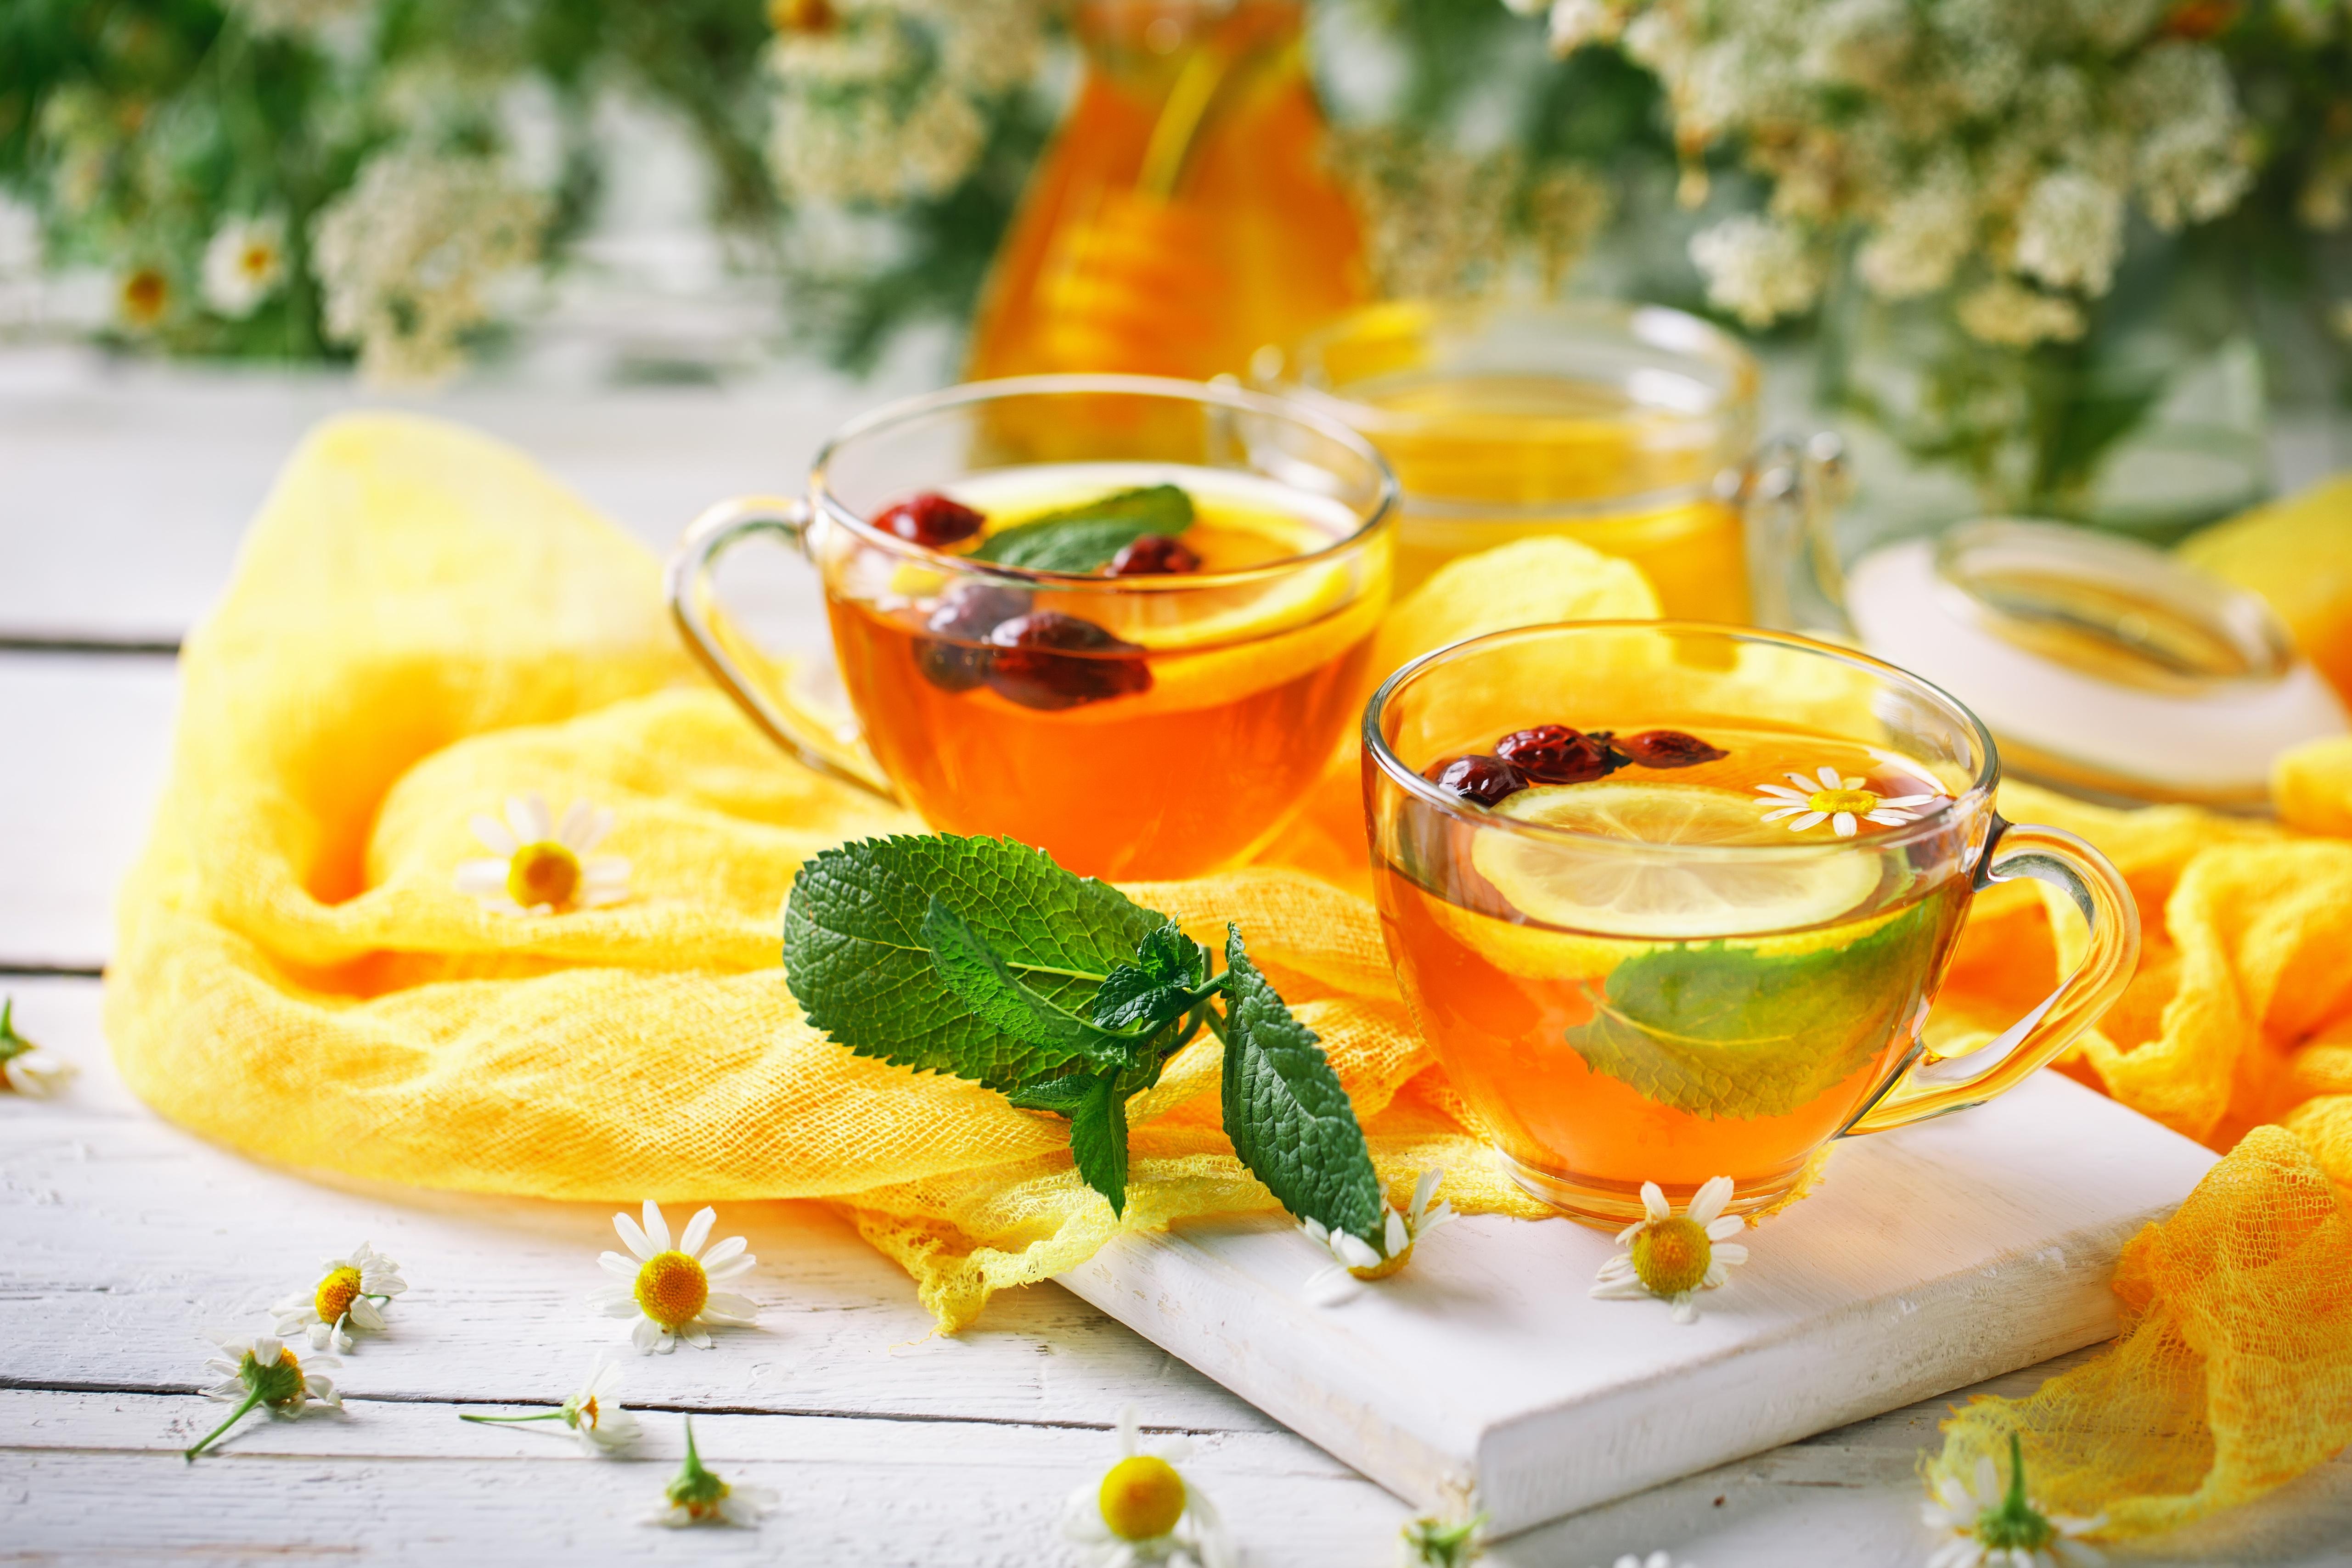 картинка чай с лимоном и медом и улыбка свободное